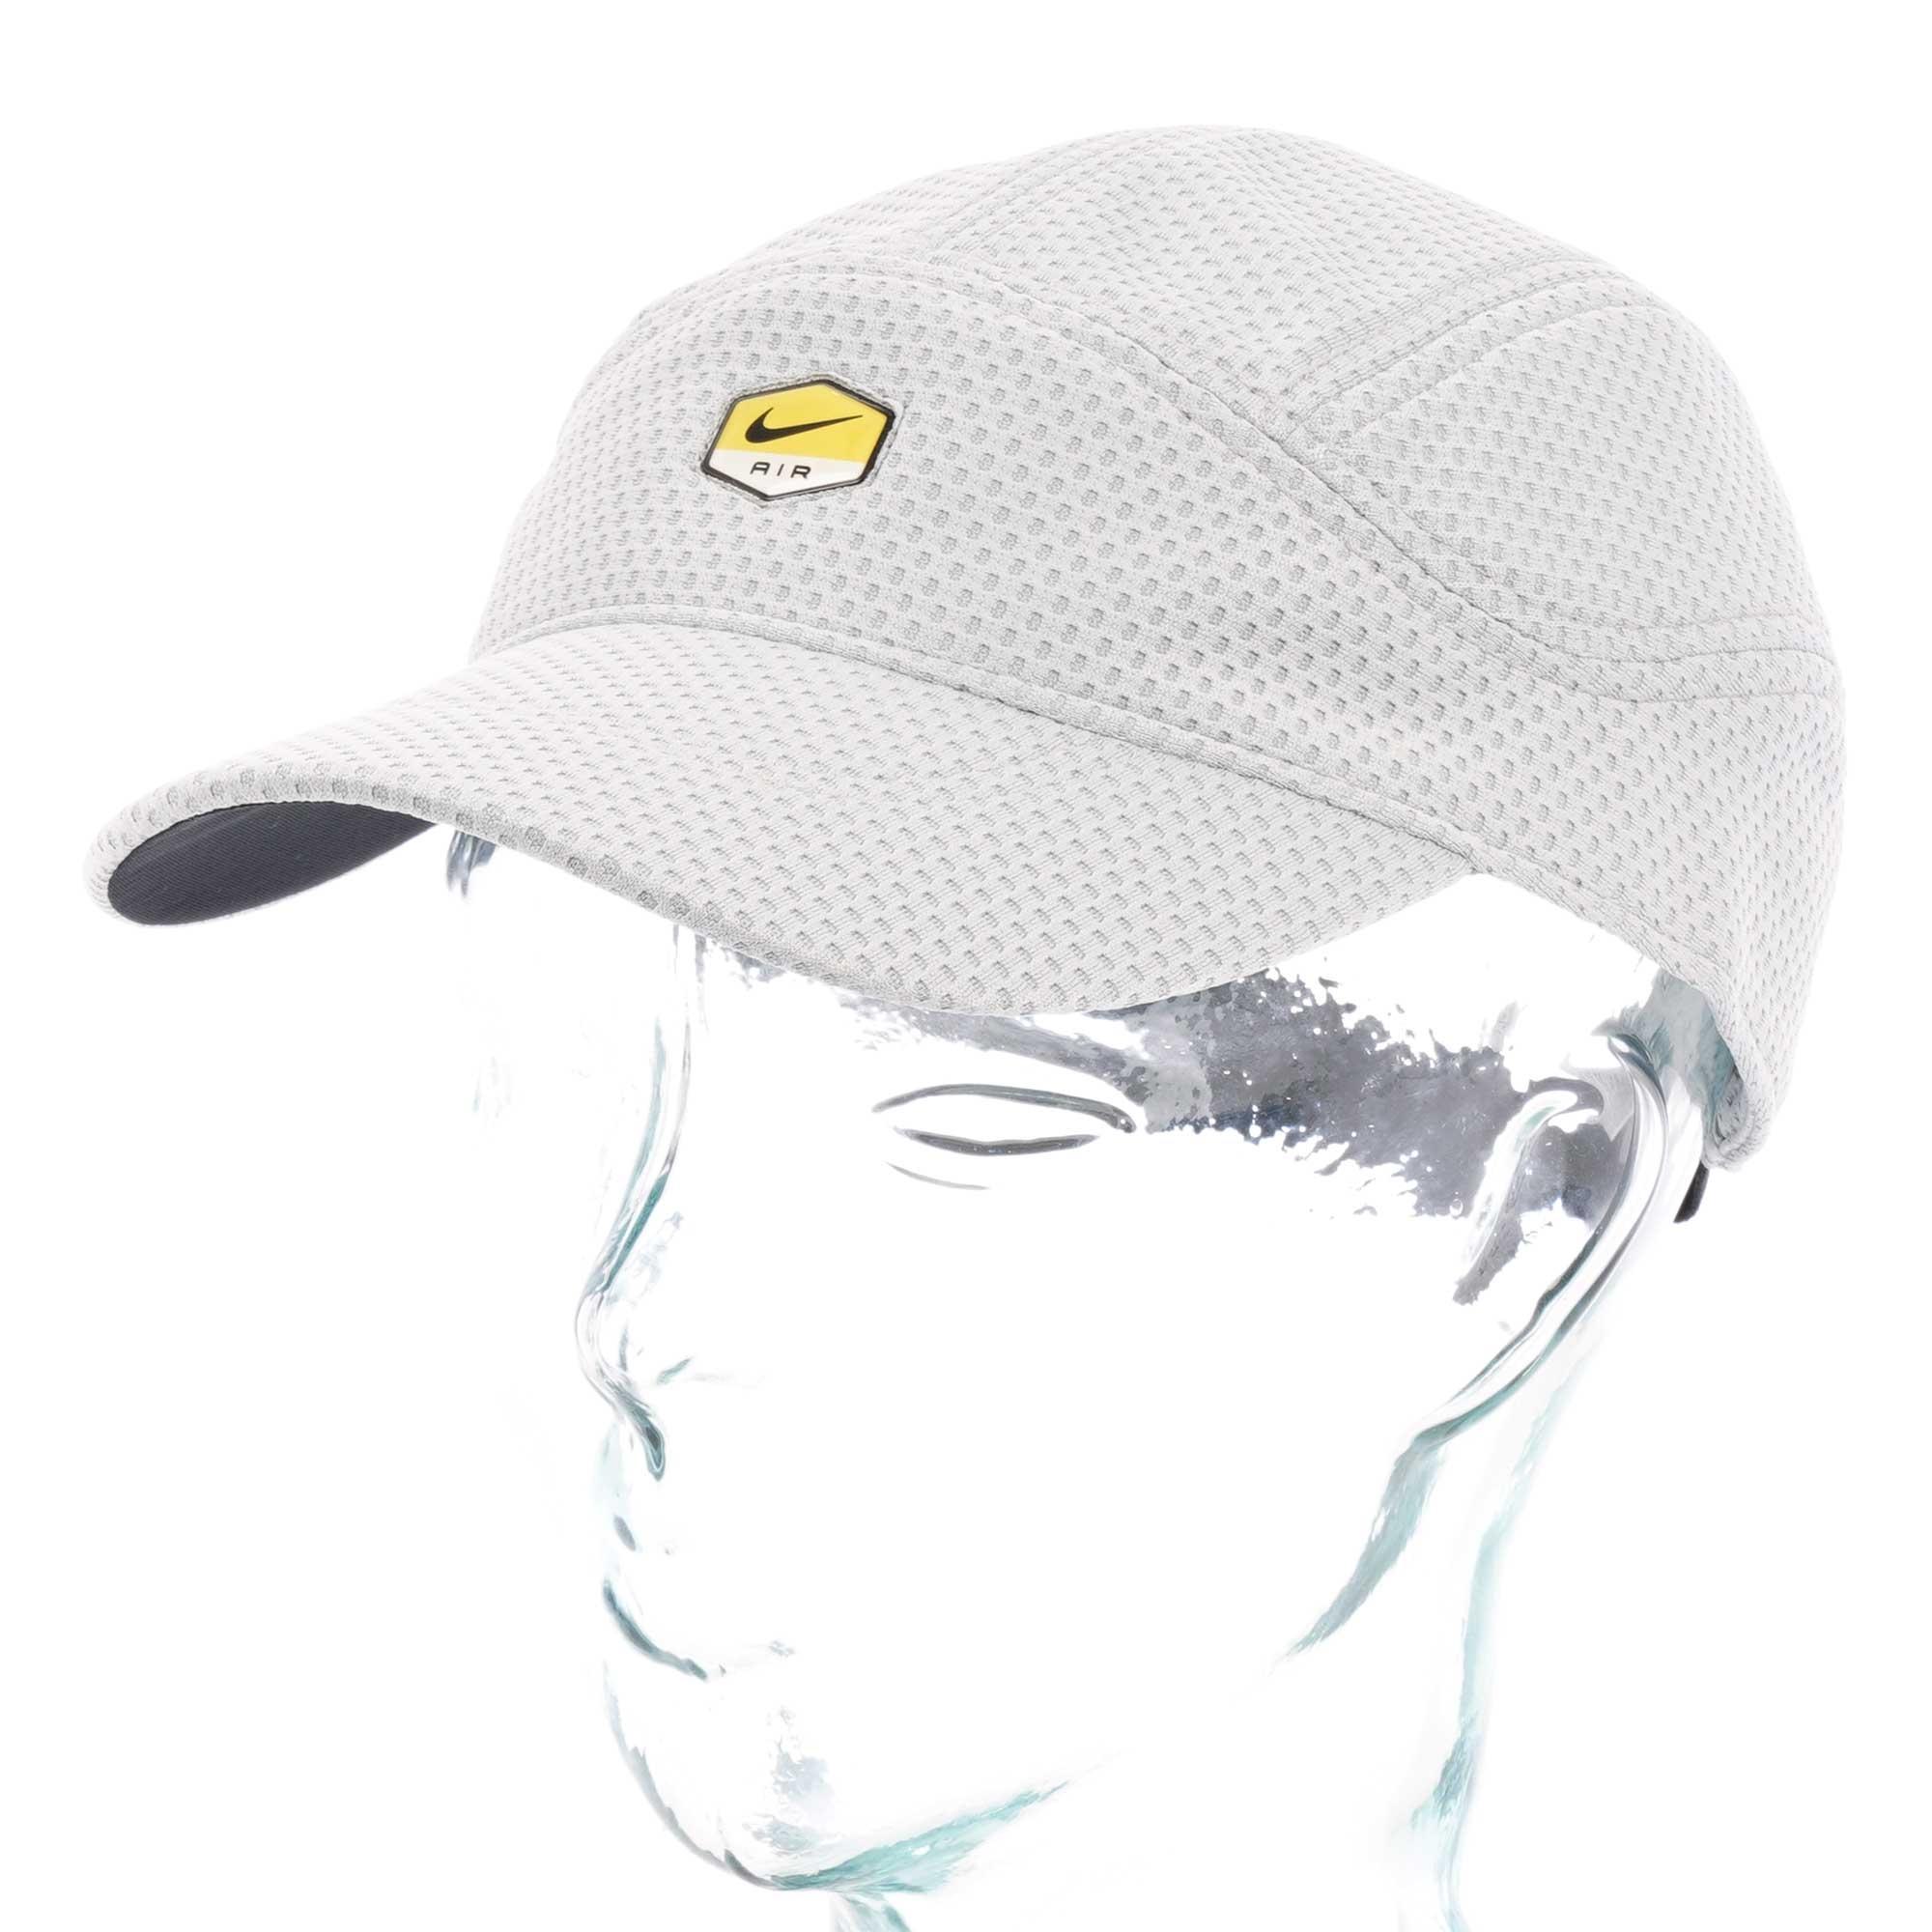 feff4f8d43 Lyst - Nike Sportswear Tailwind Cap - Grey in Gray for Men